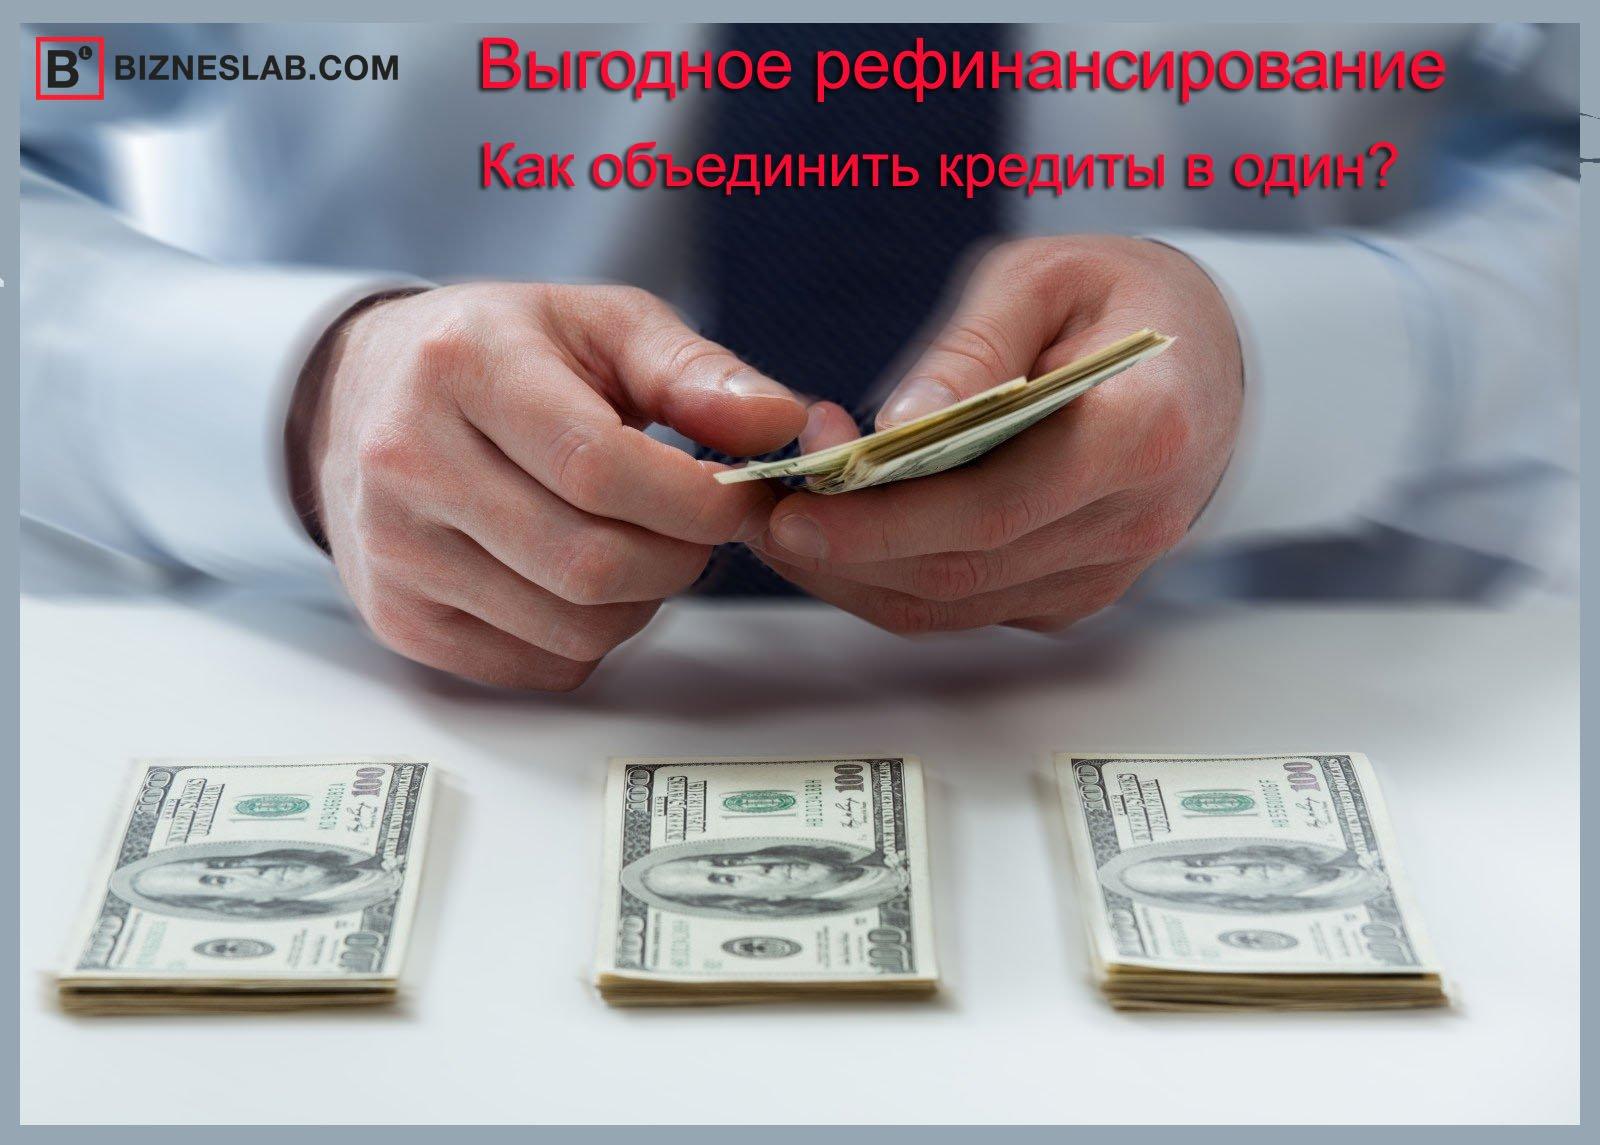 Объединение кредитов в один